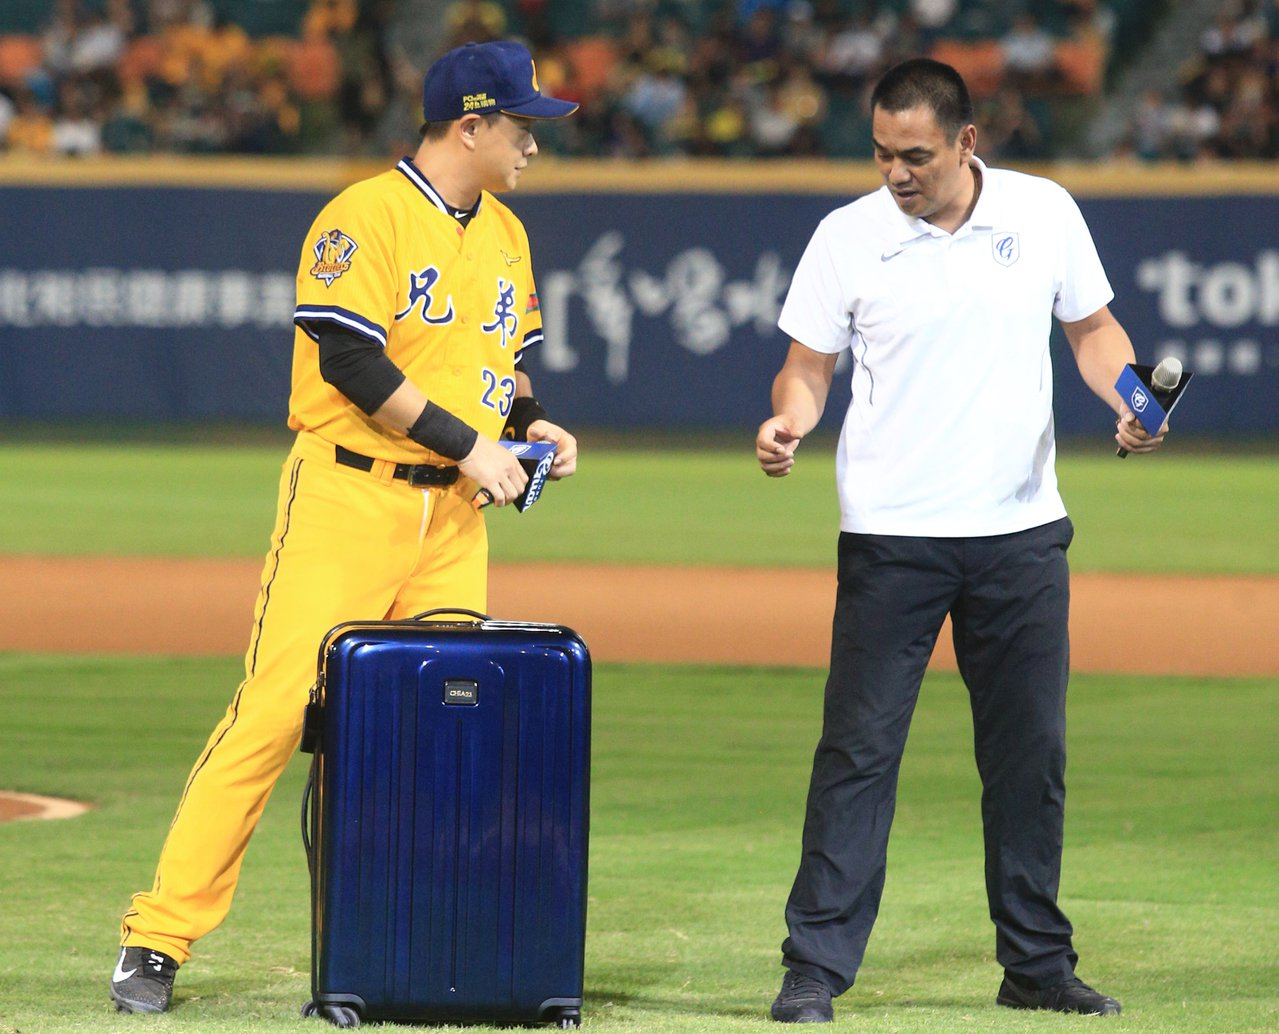 彭政閔球員生涯接近尾聲,好友陳金鋒送上行李箱當引退禮。記者陳正興/攝影